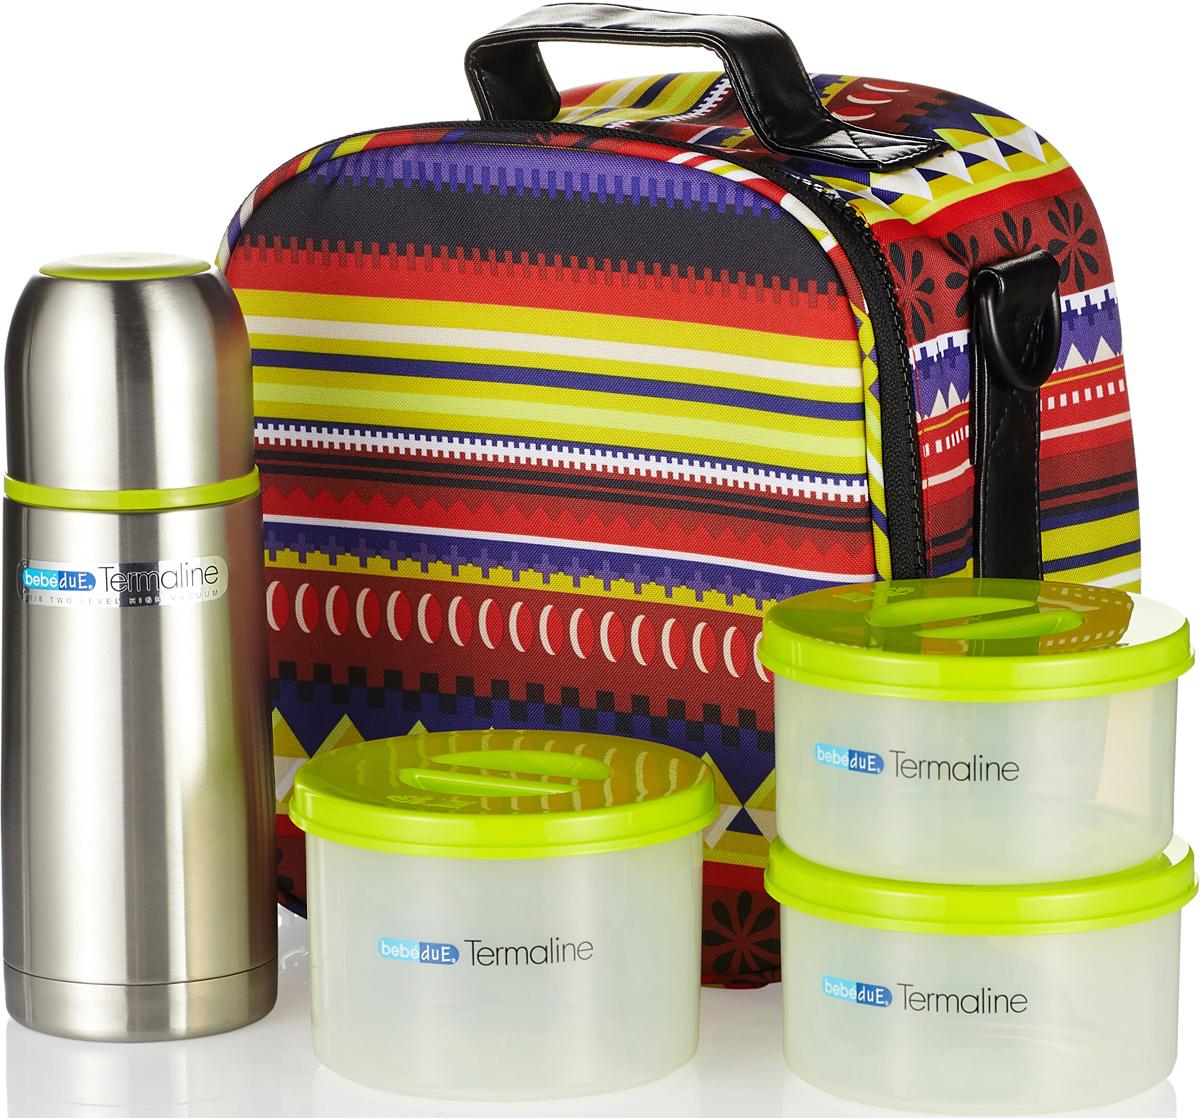 Bebe Due Термосумка цветная с набором контейнеров и термосом -  Все для детского кормления